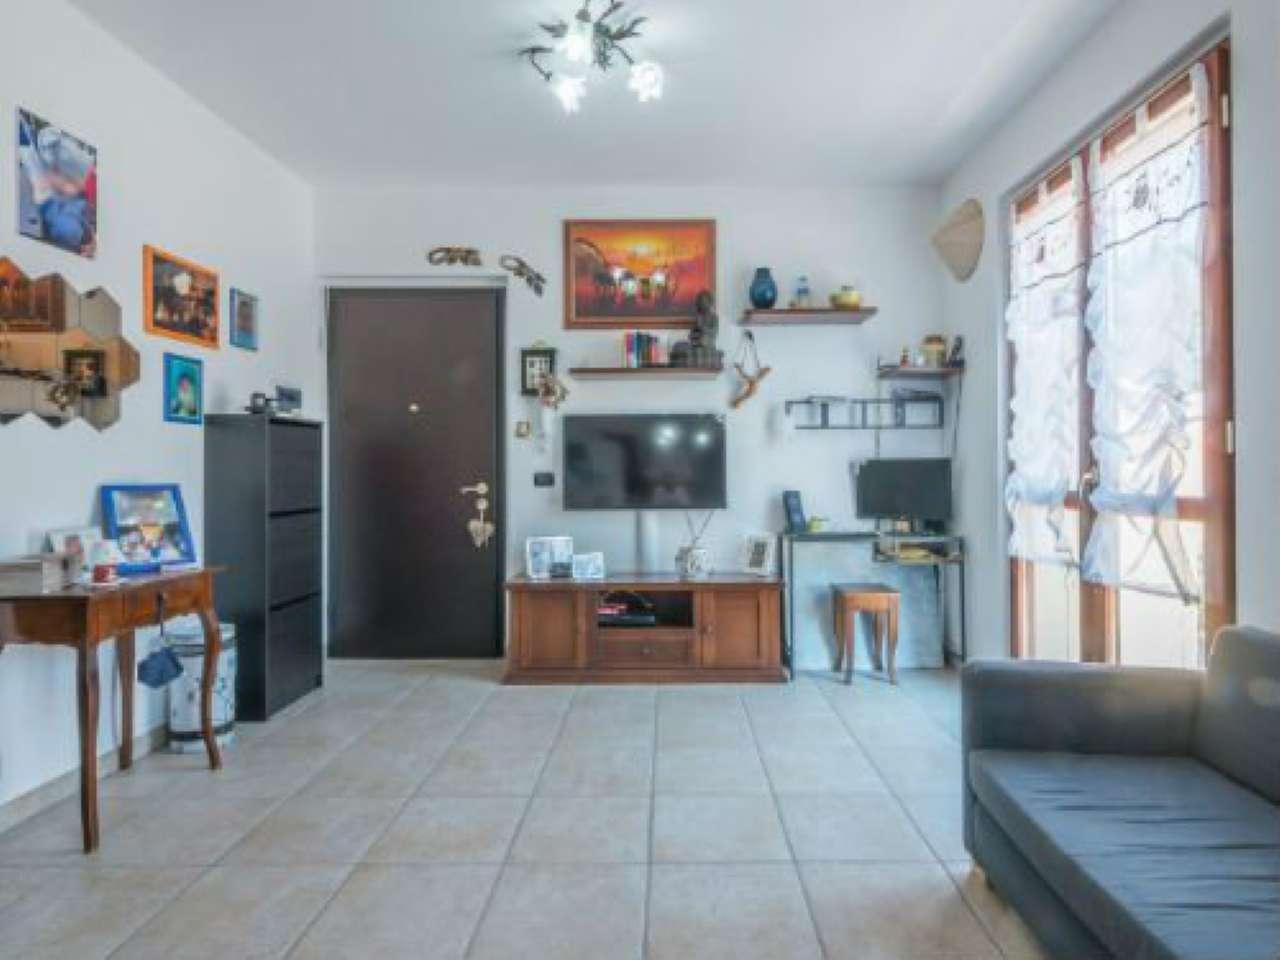 Appartamento in vendita a Polverigi, 3 locali, prezzo € 113.000 | CambioCasa.it